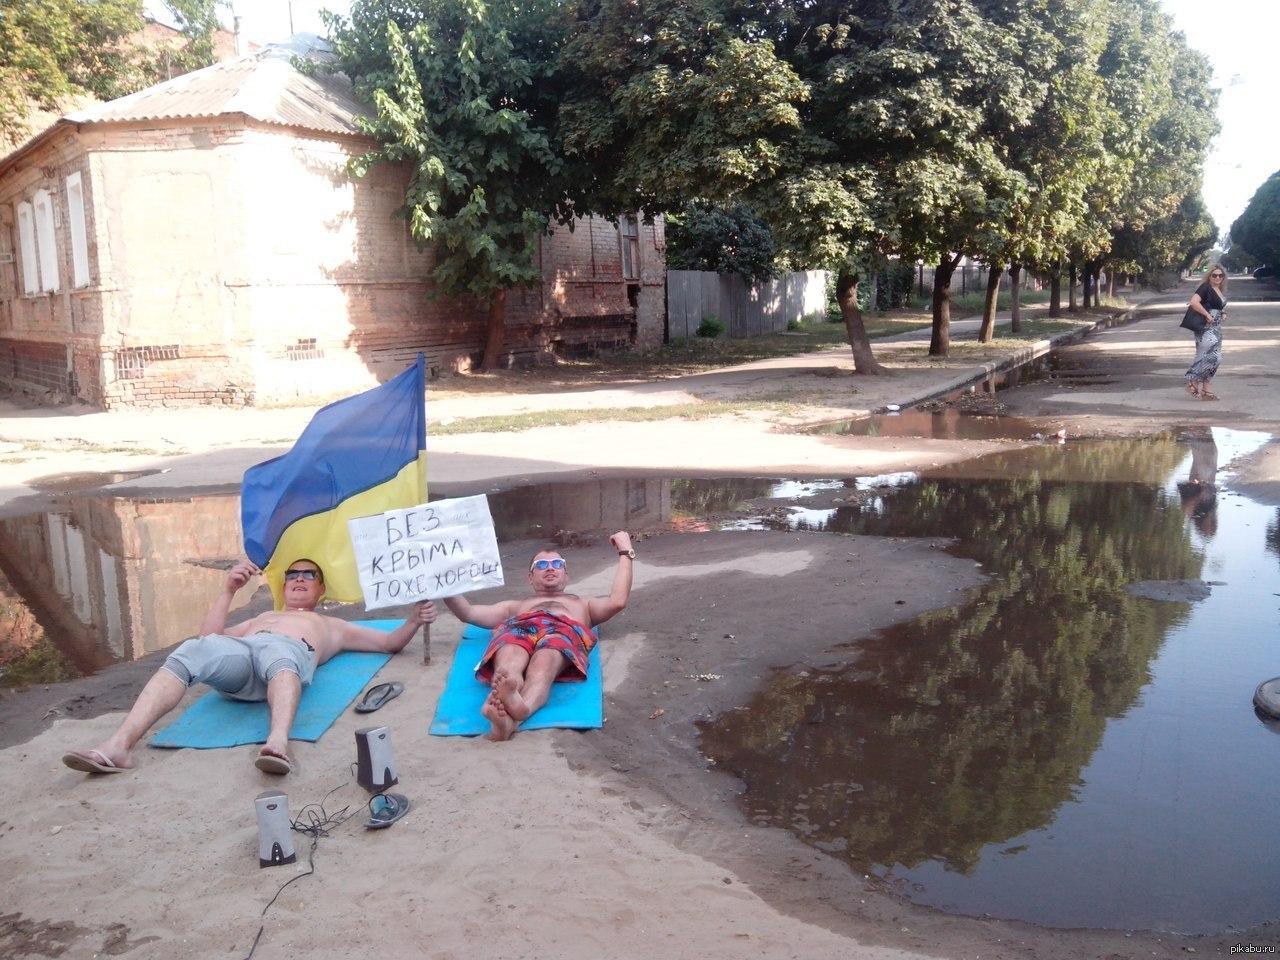 Киев картинки смешные, поздравлениями нового